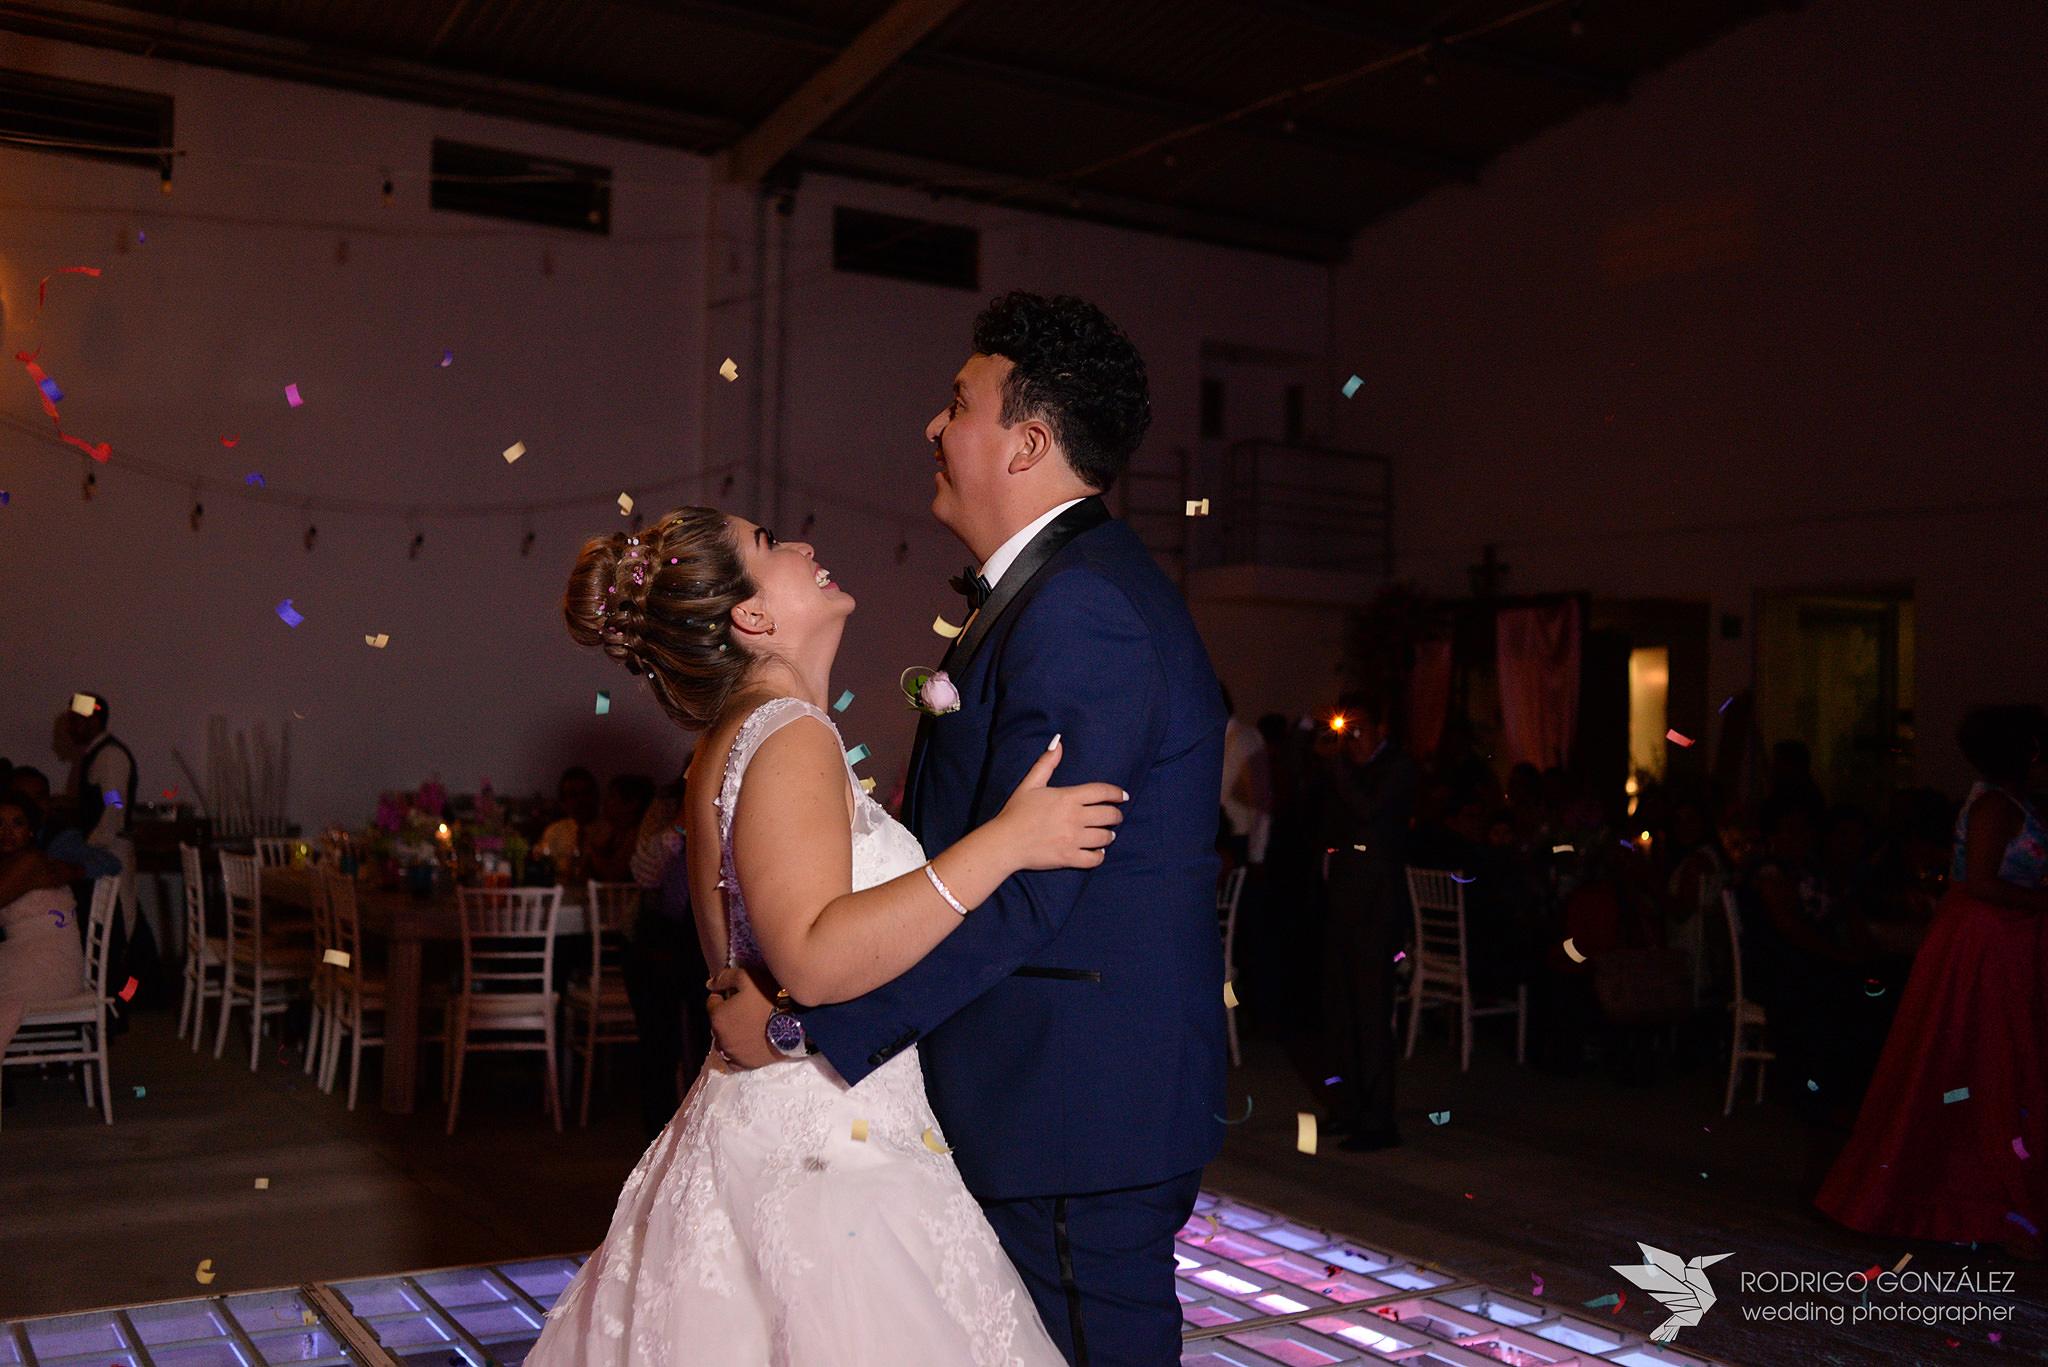 baile-de-novios-0685